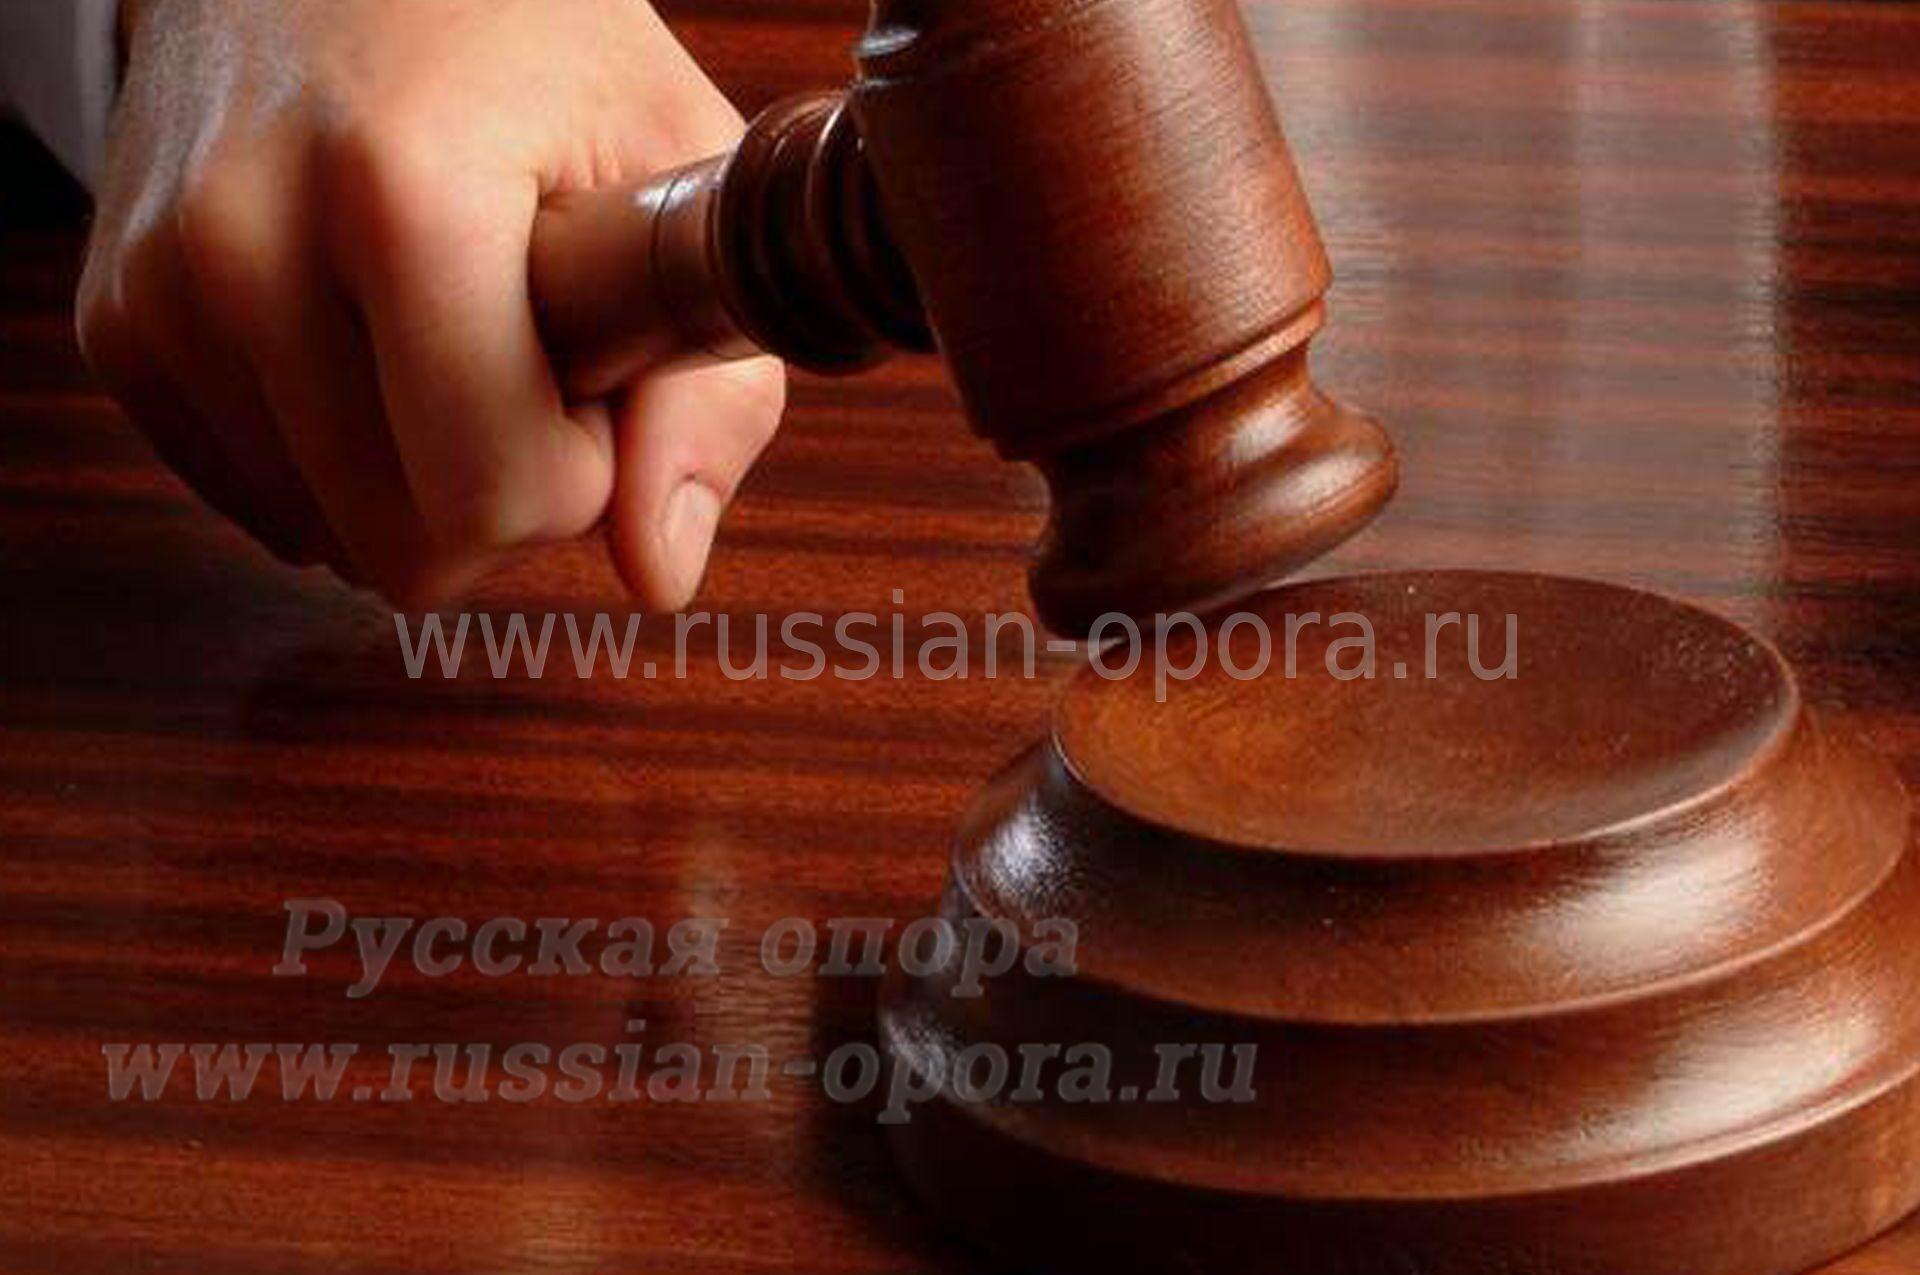 юридическое представительство в суде Пушкино